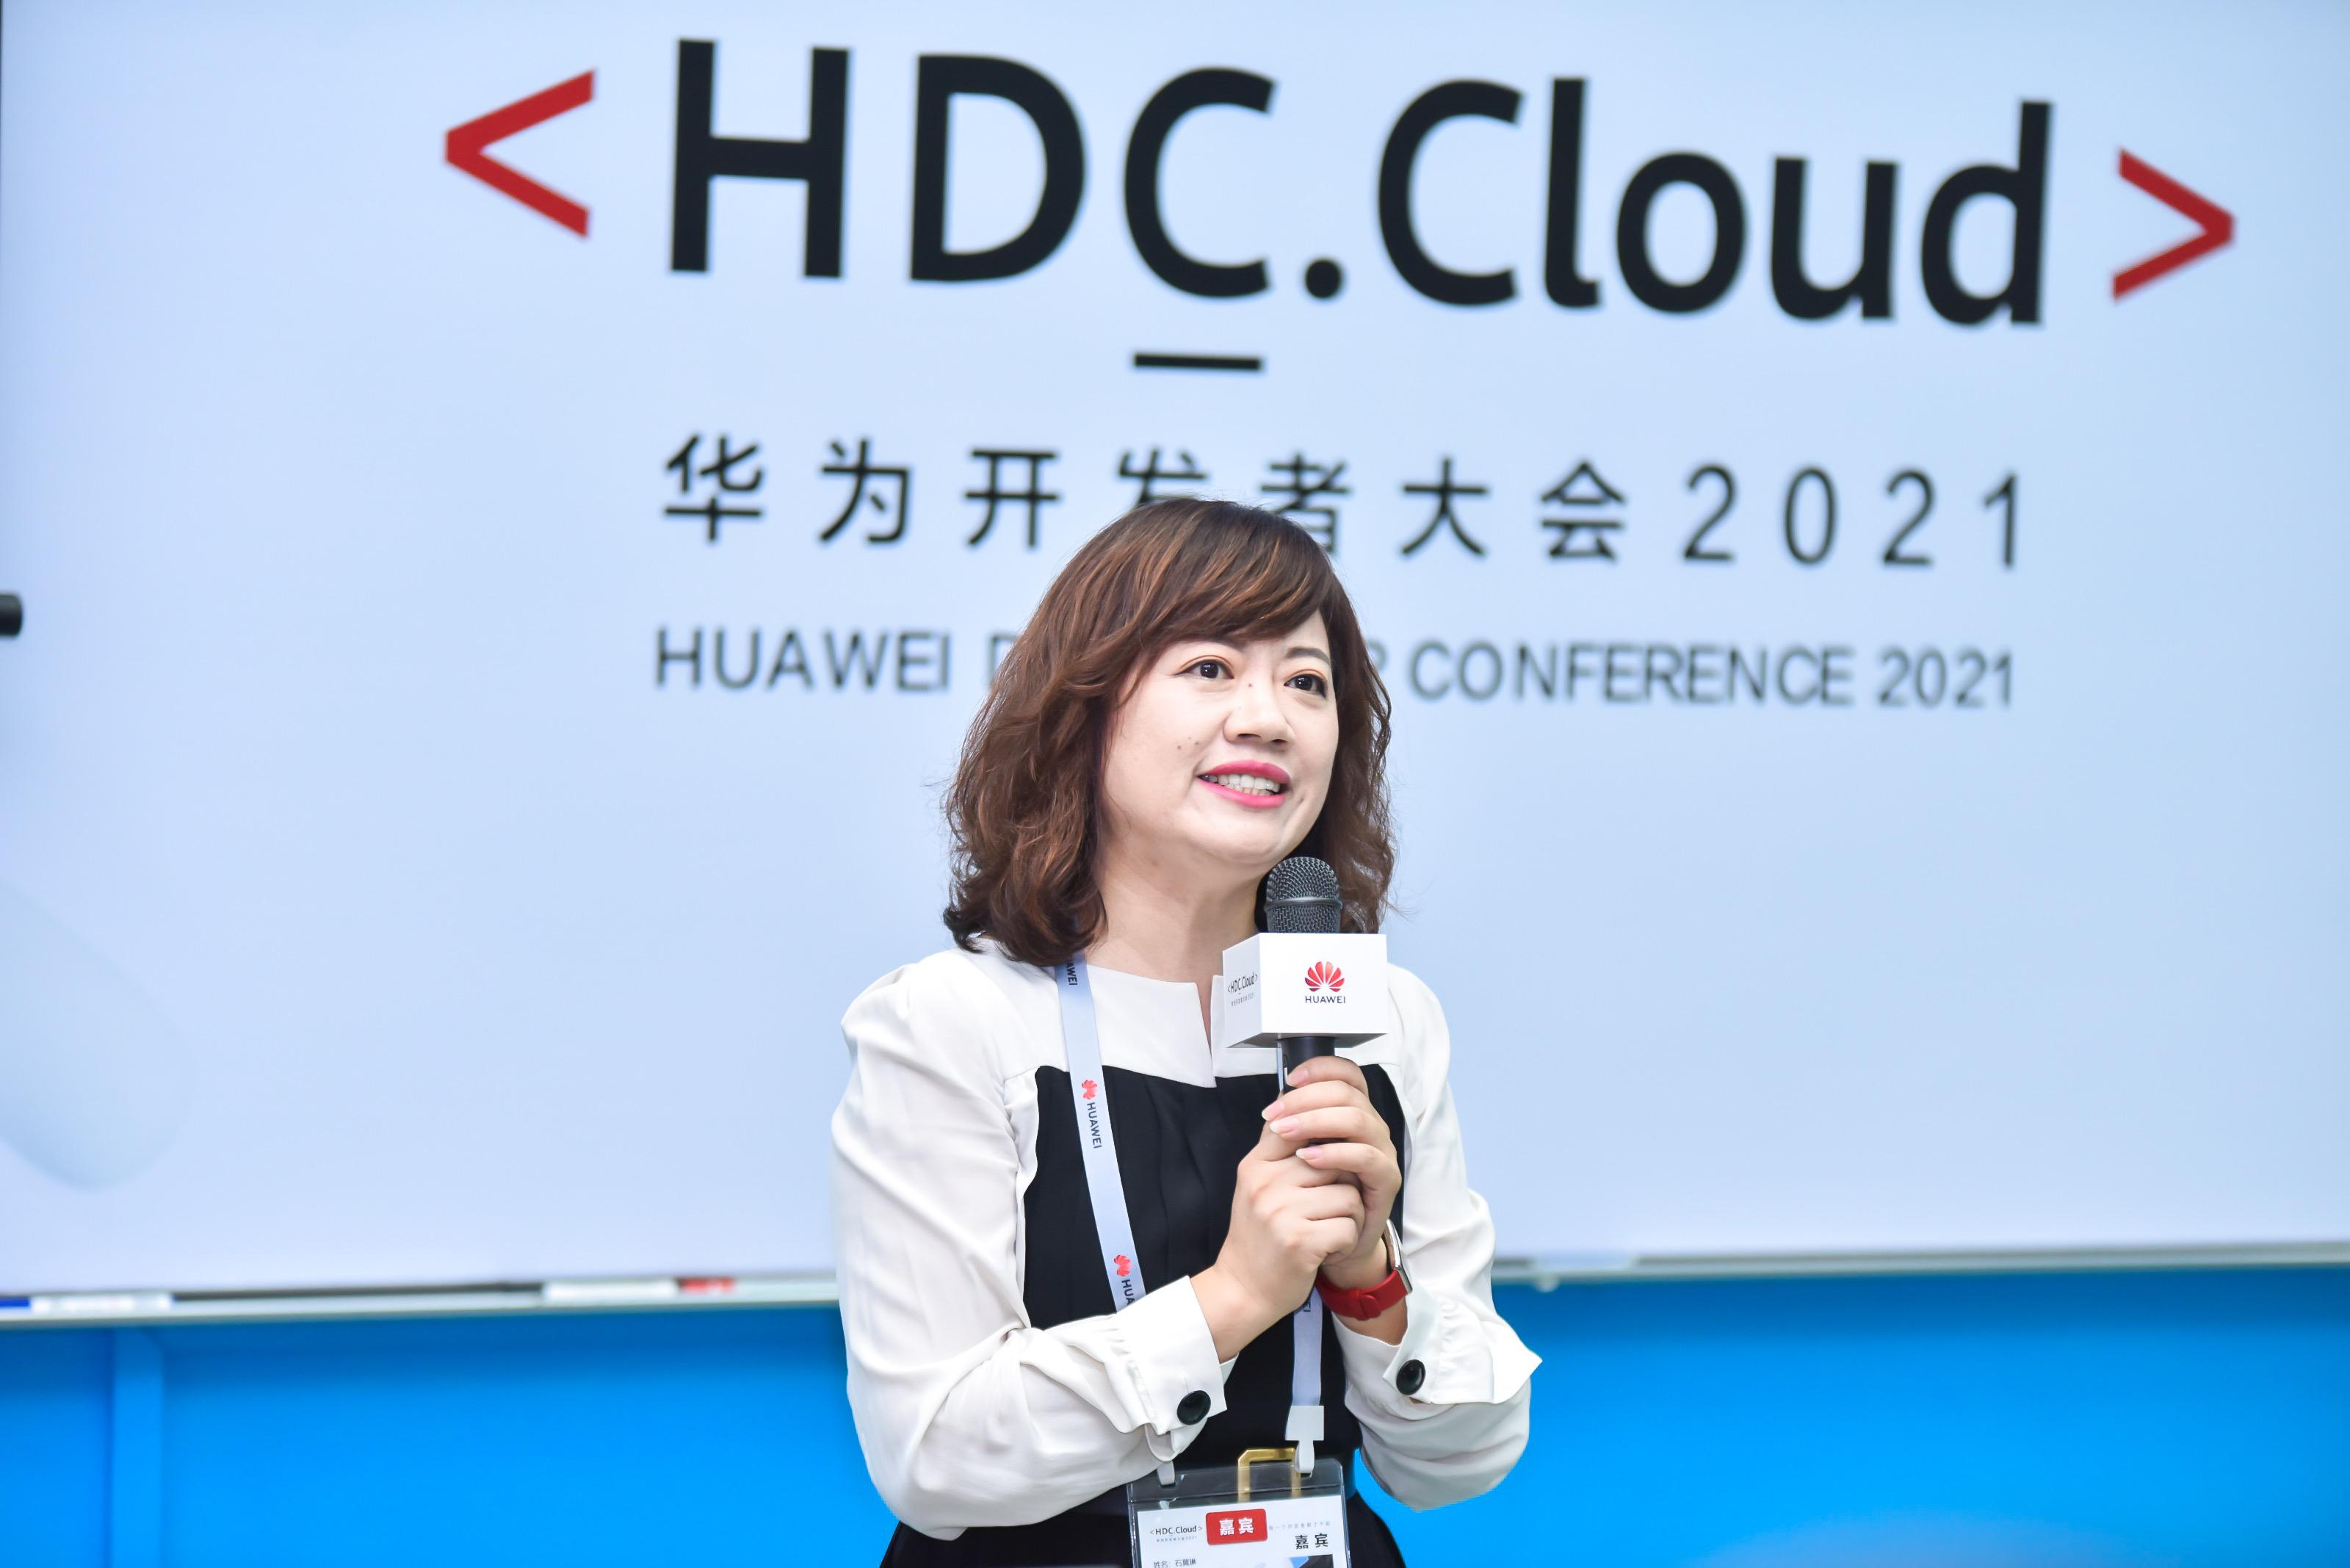 HDC.Cloud首次开设女性开发者论坛,让女性开发者发挥不一样的创造力